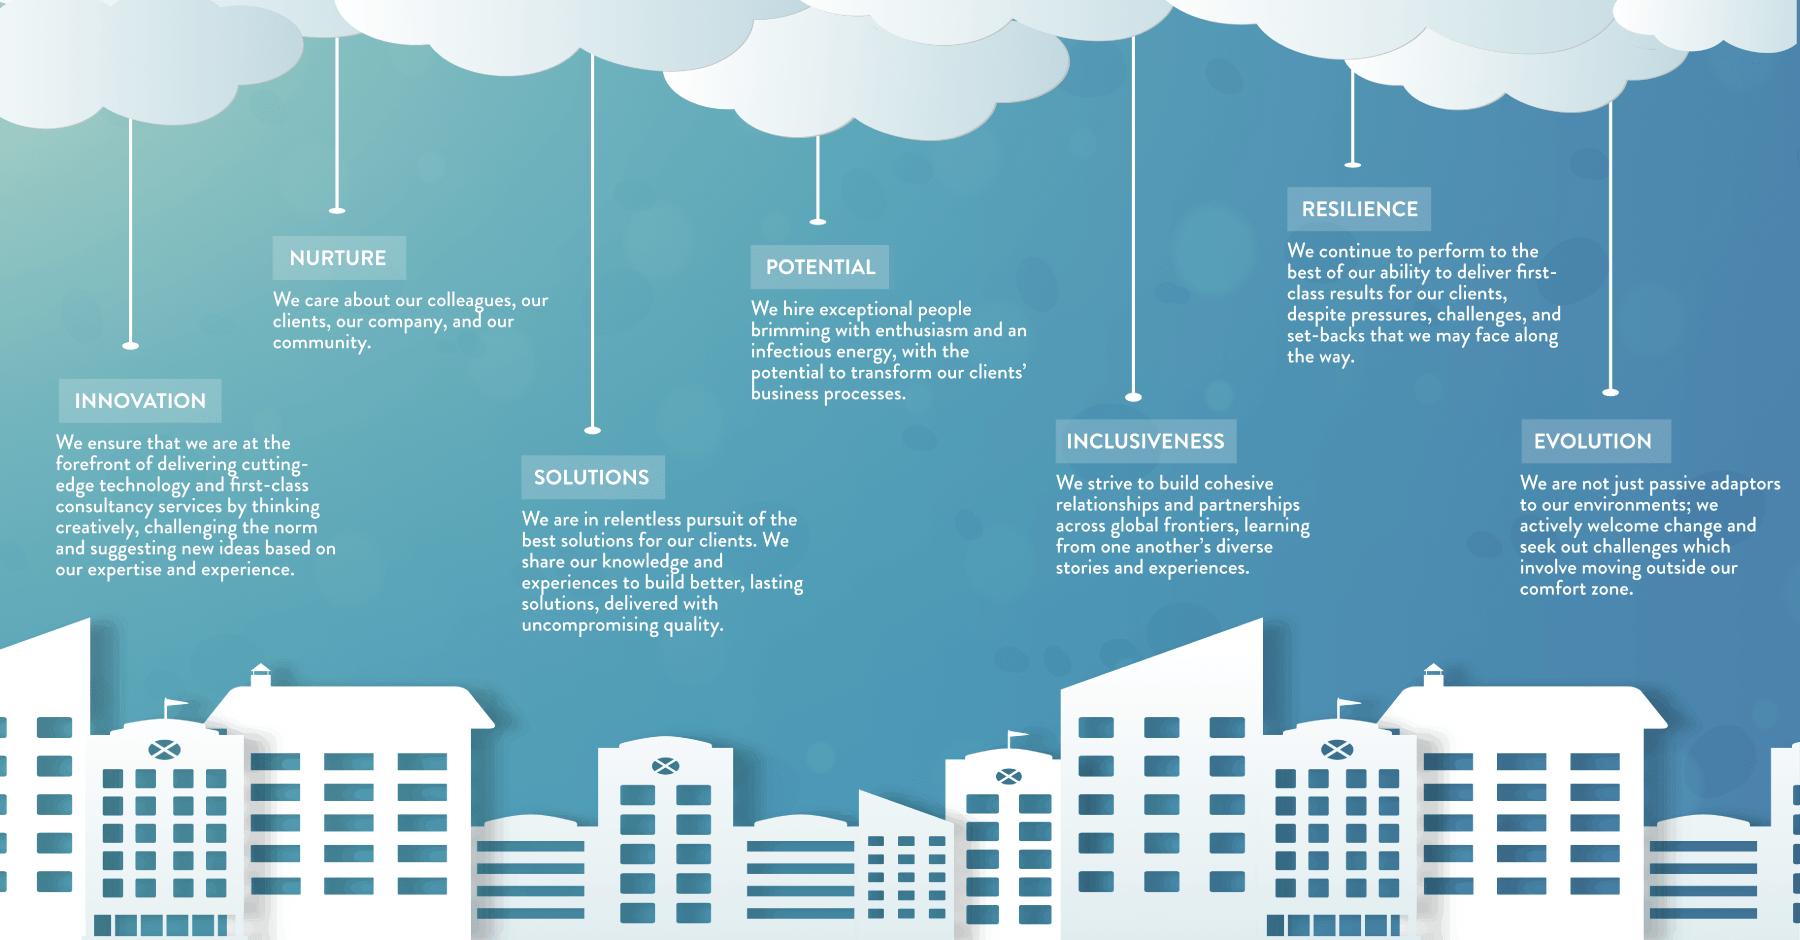 VoxFP-Core-Values